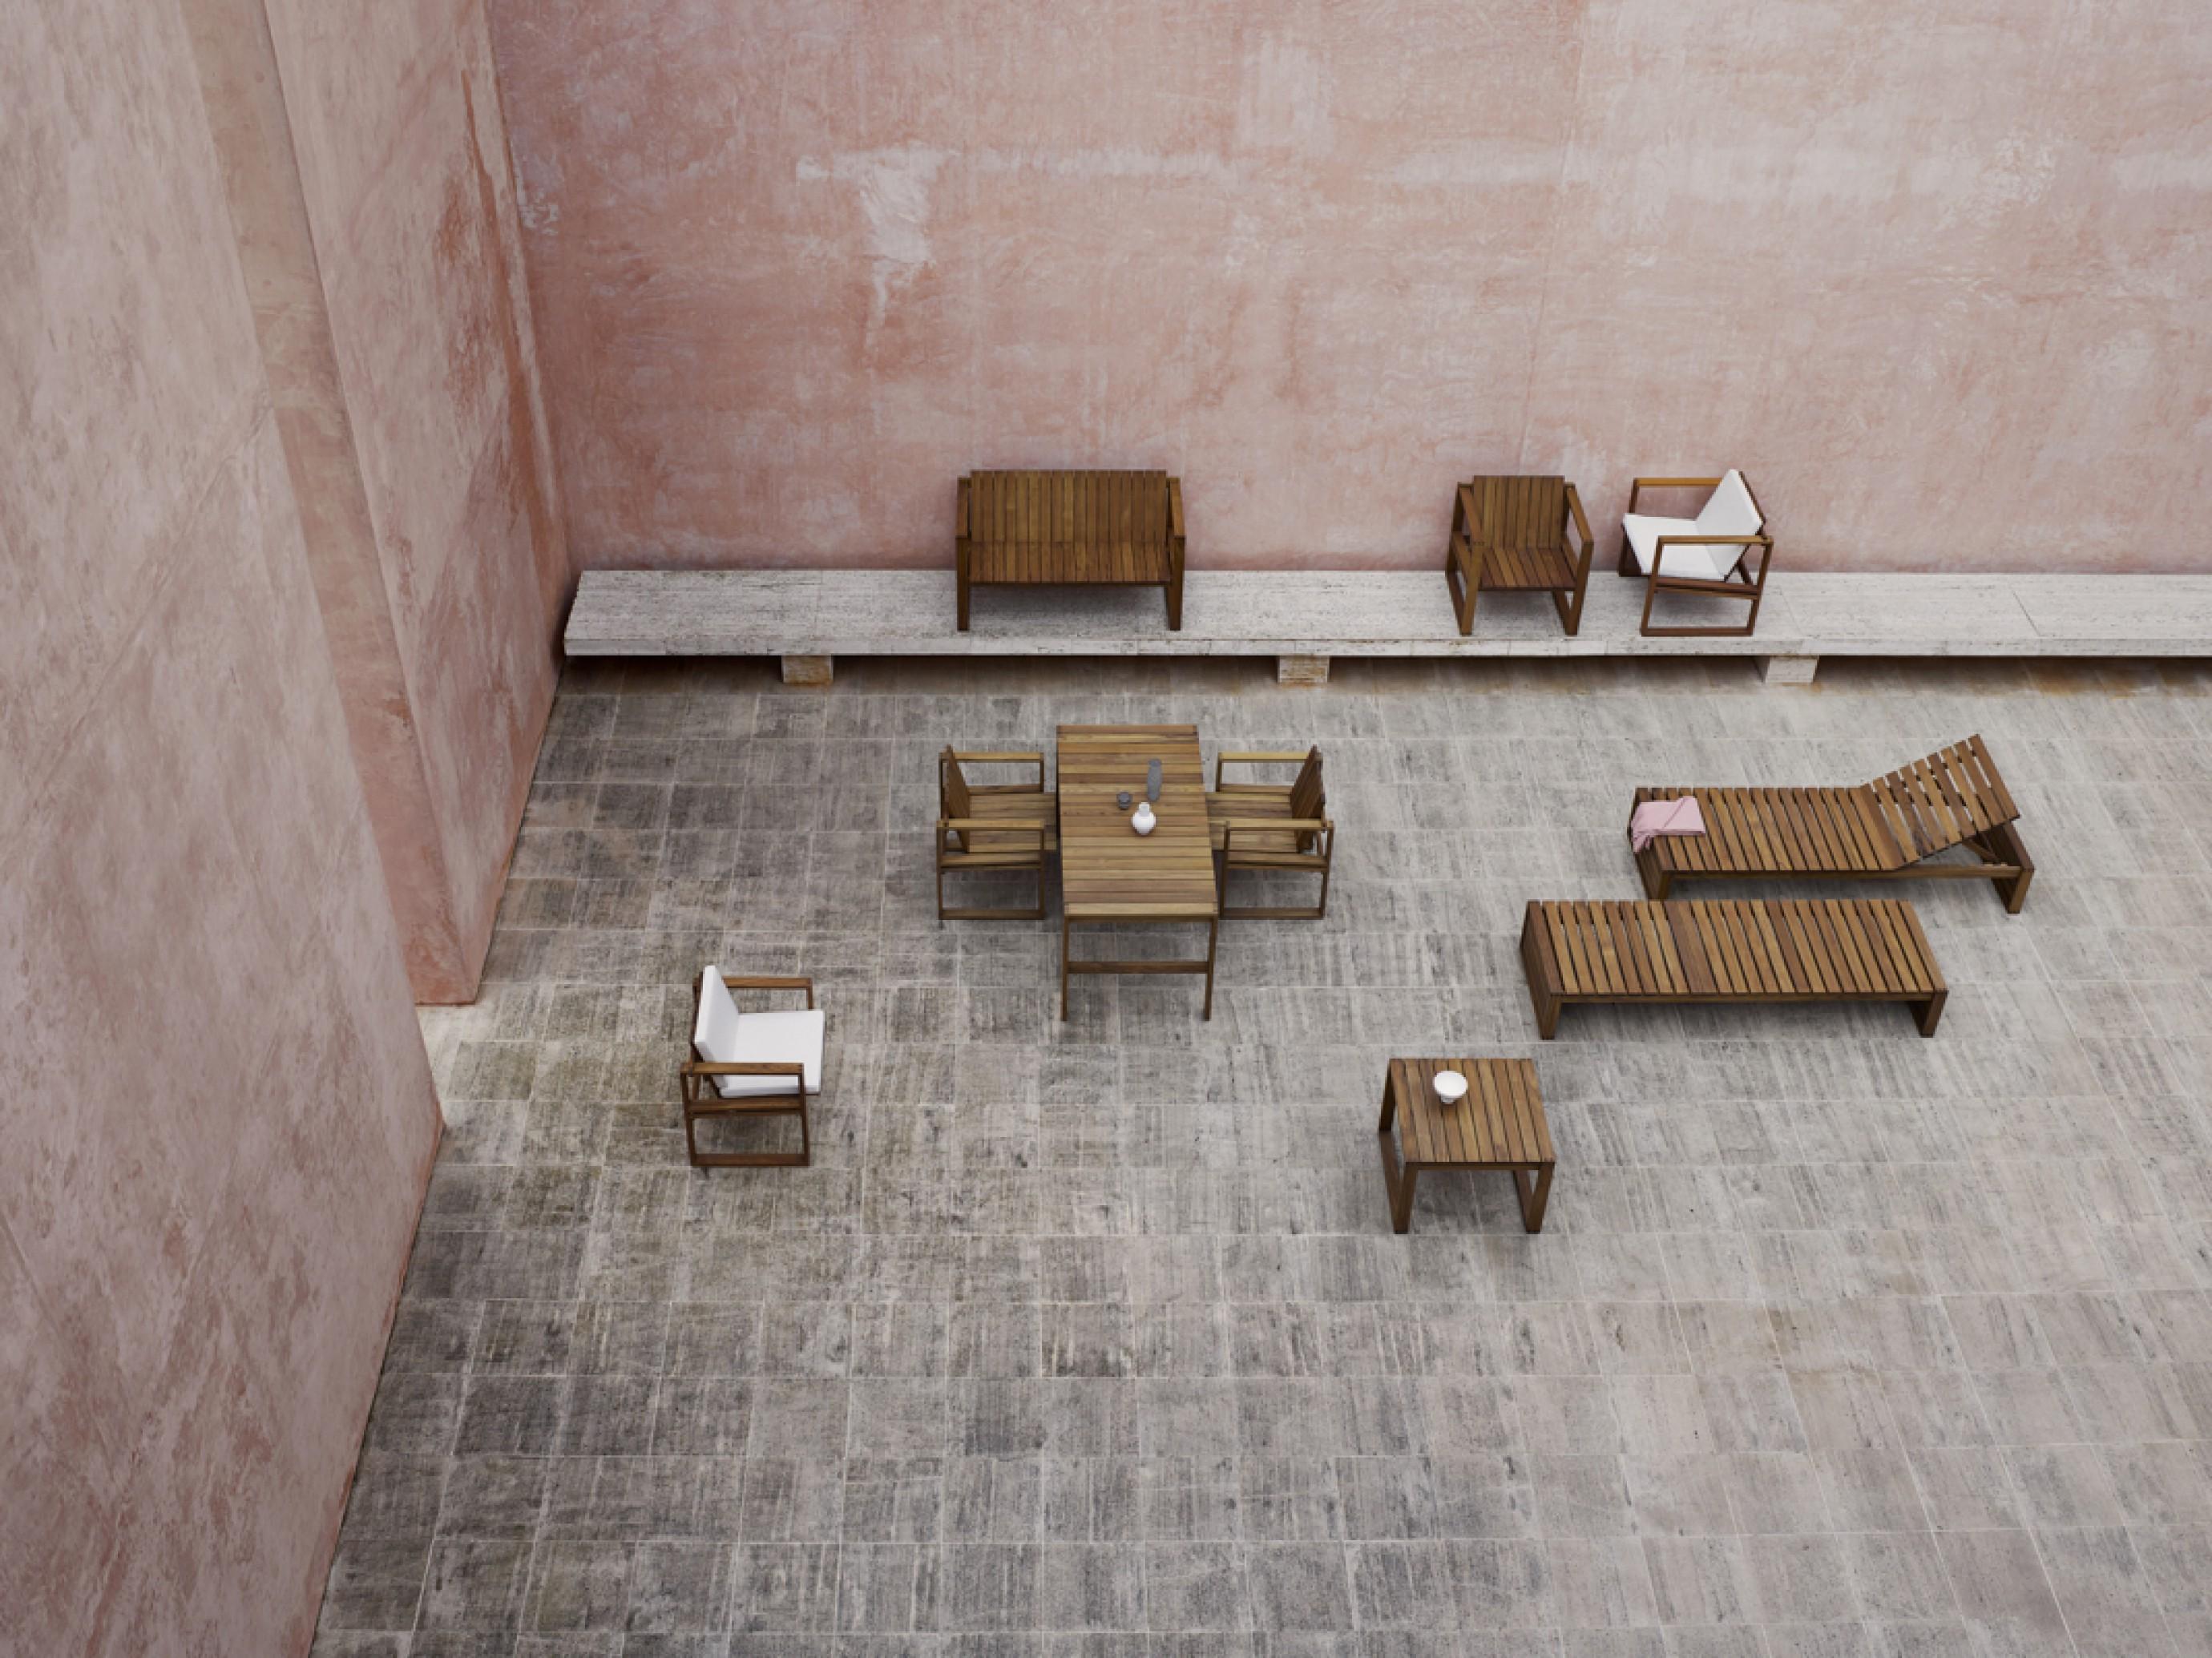 Architecturale outdoor meubelen in duurzame teak, design 1959  Victors Design Agency